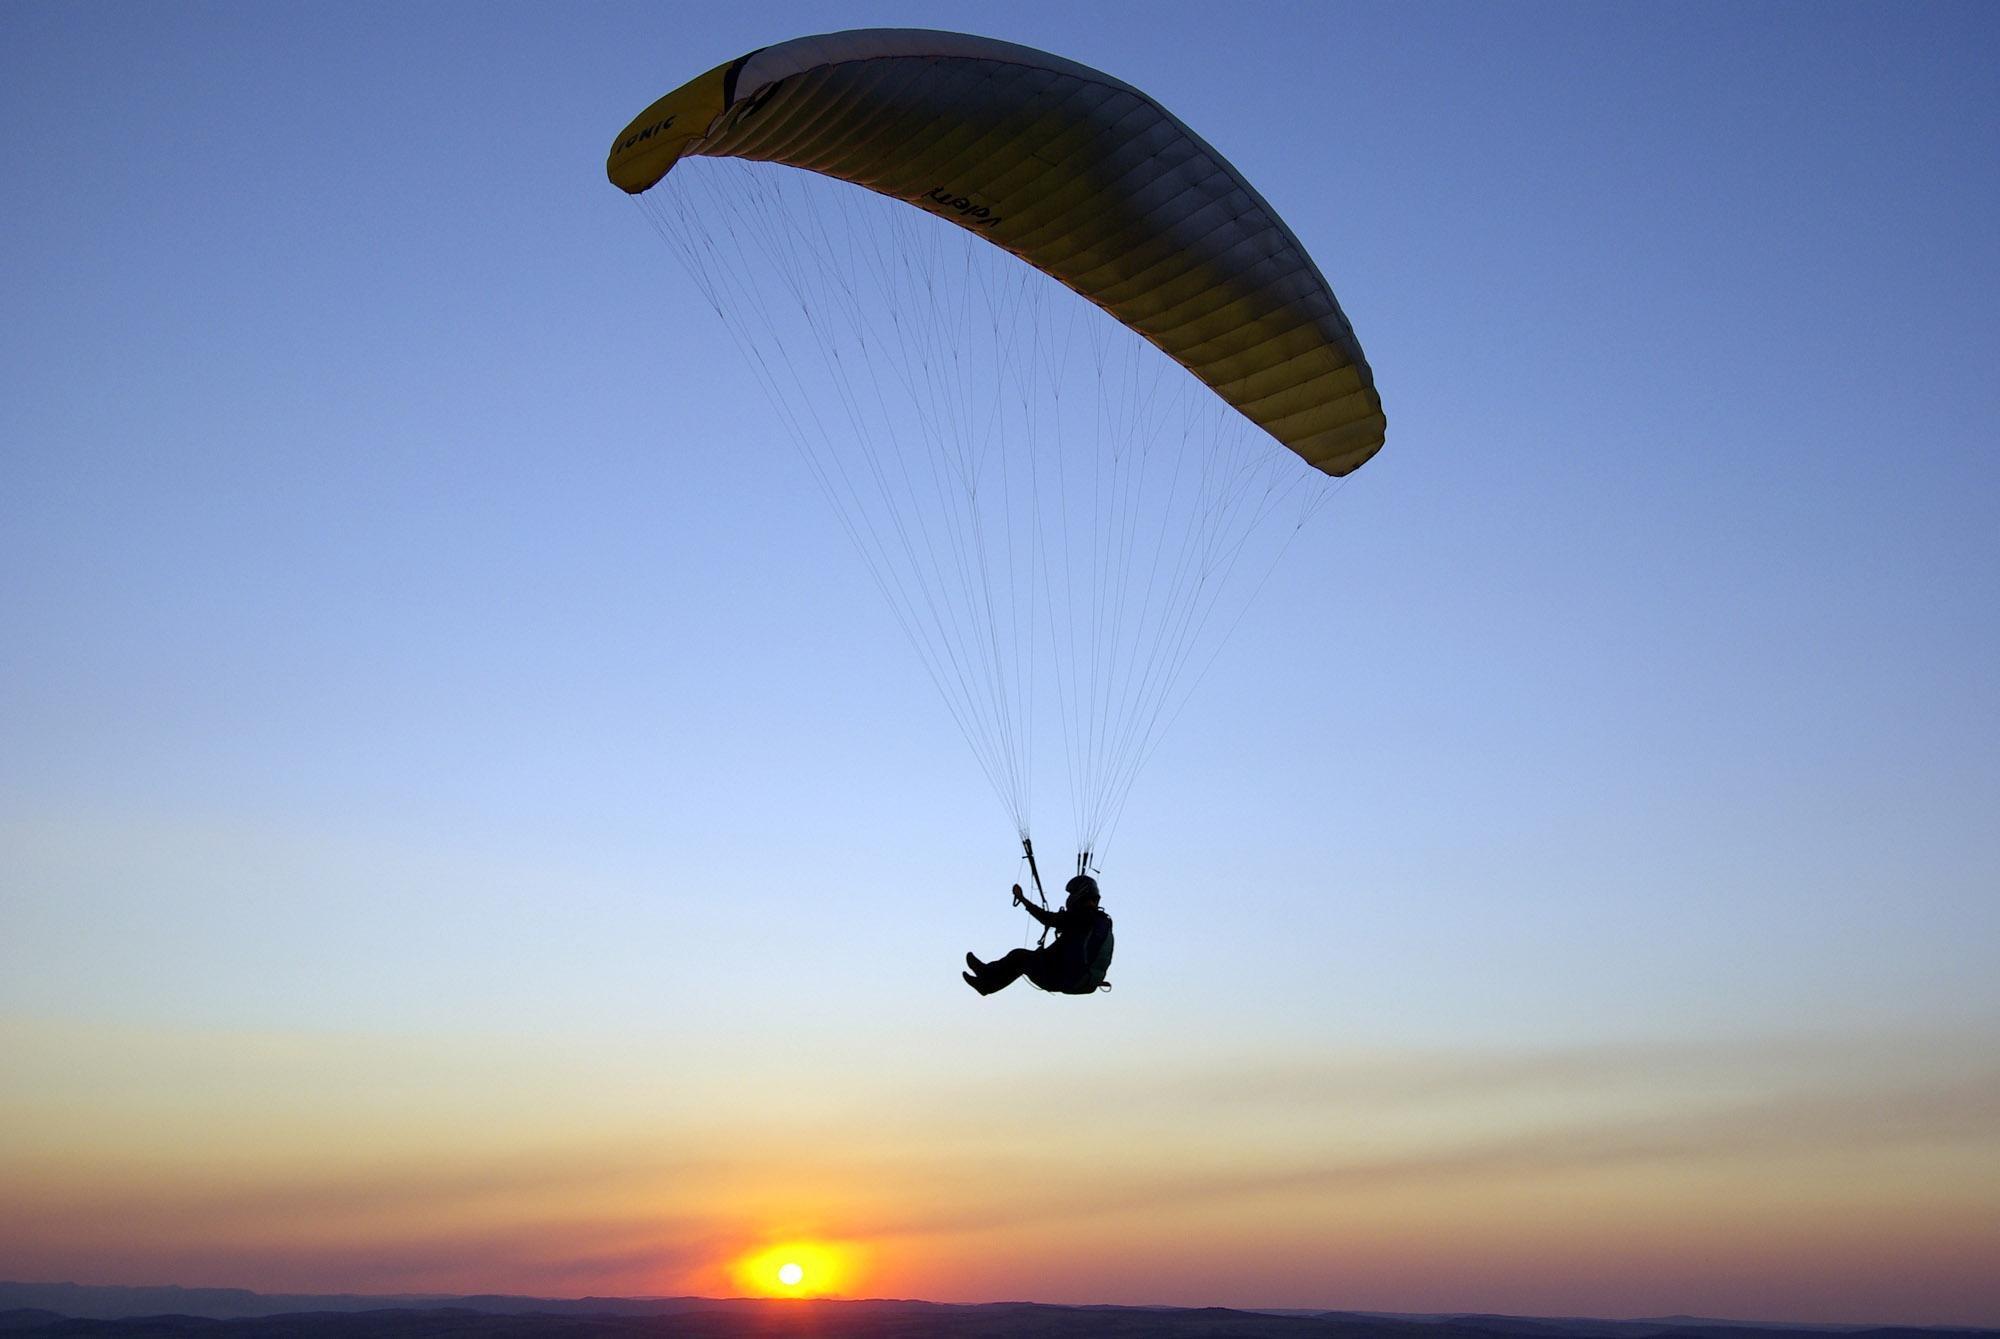 СКР. Парапланерист разбился во время полета над алтайским городом